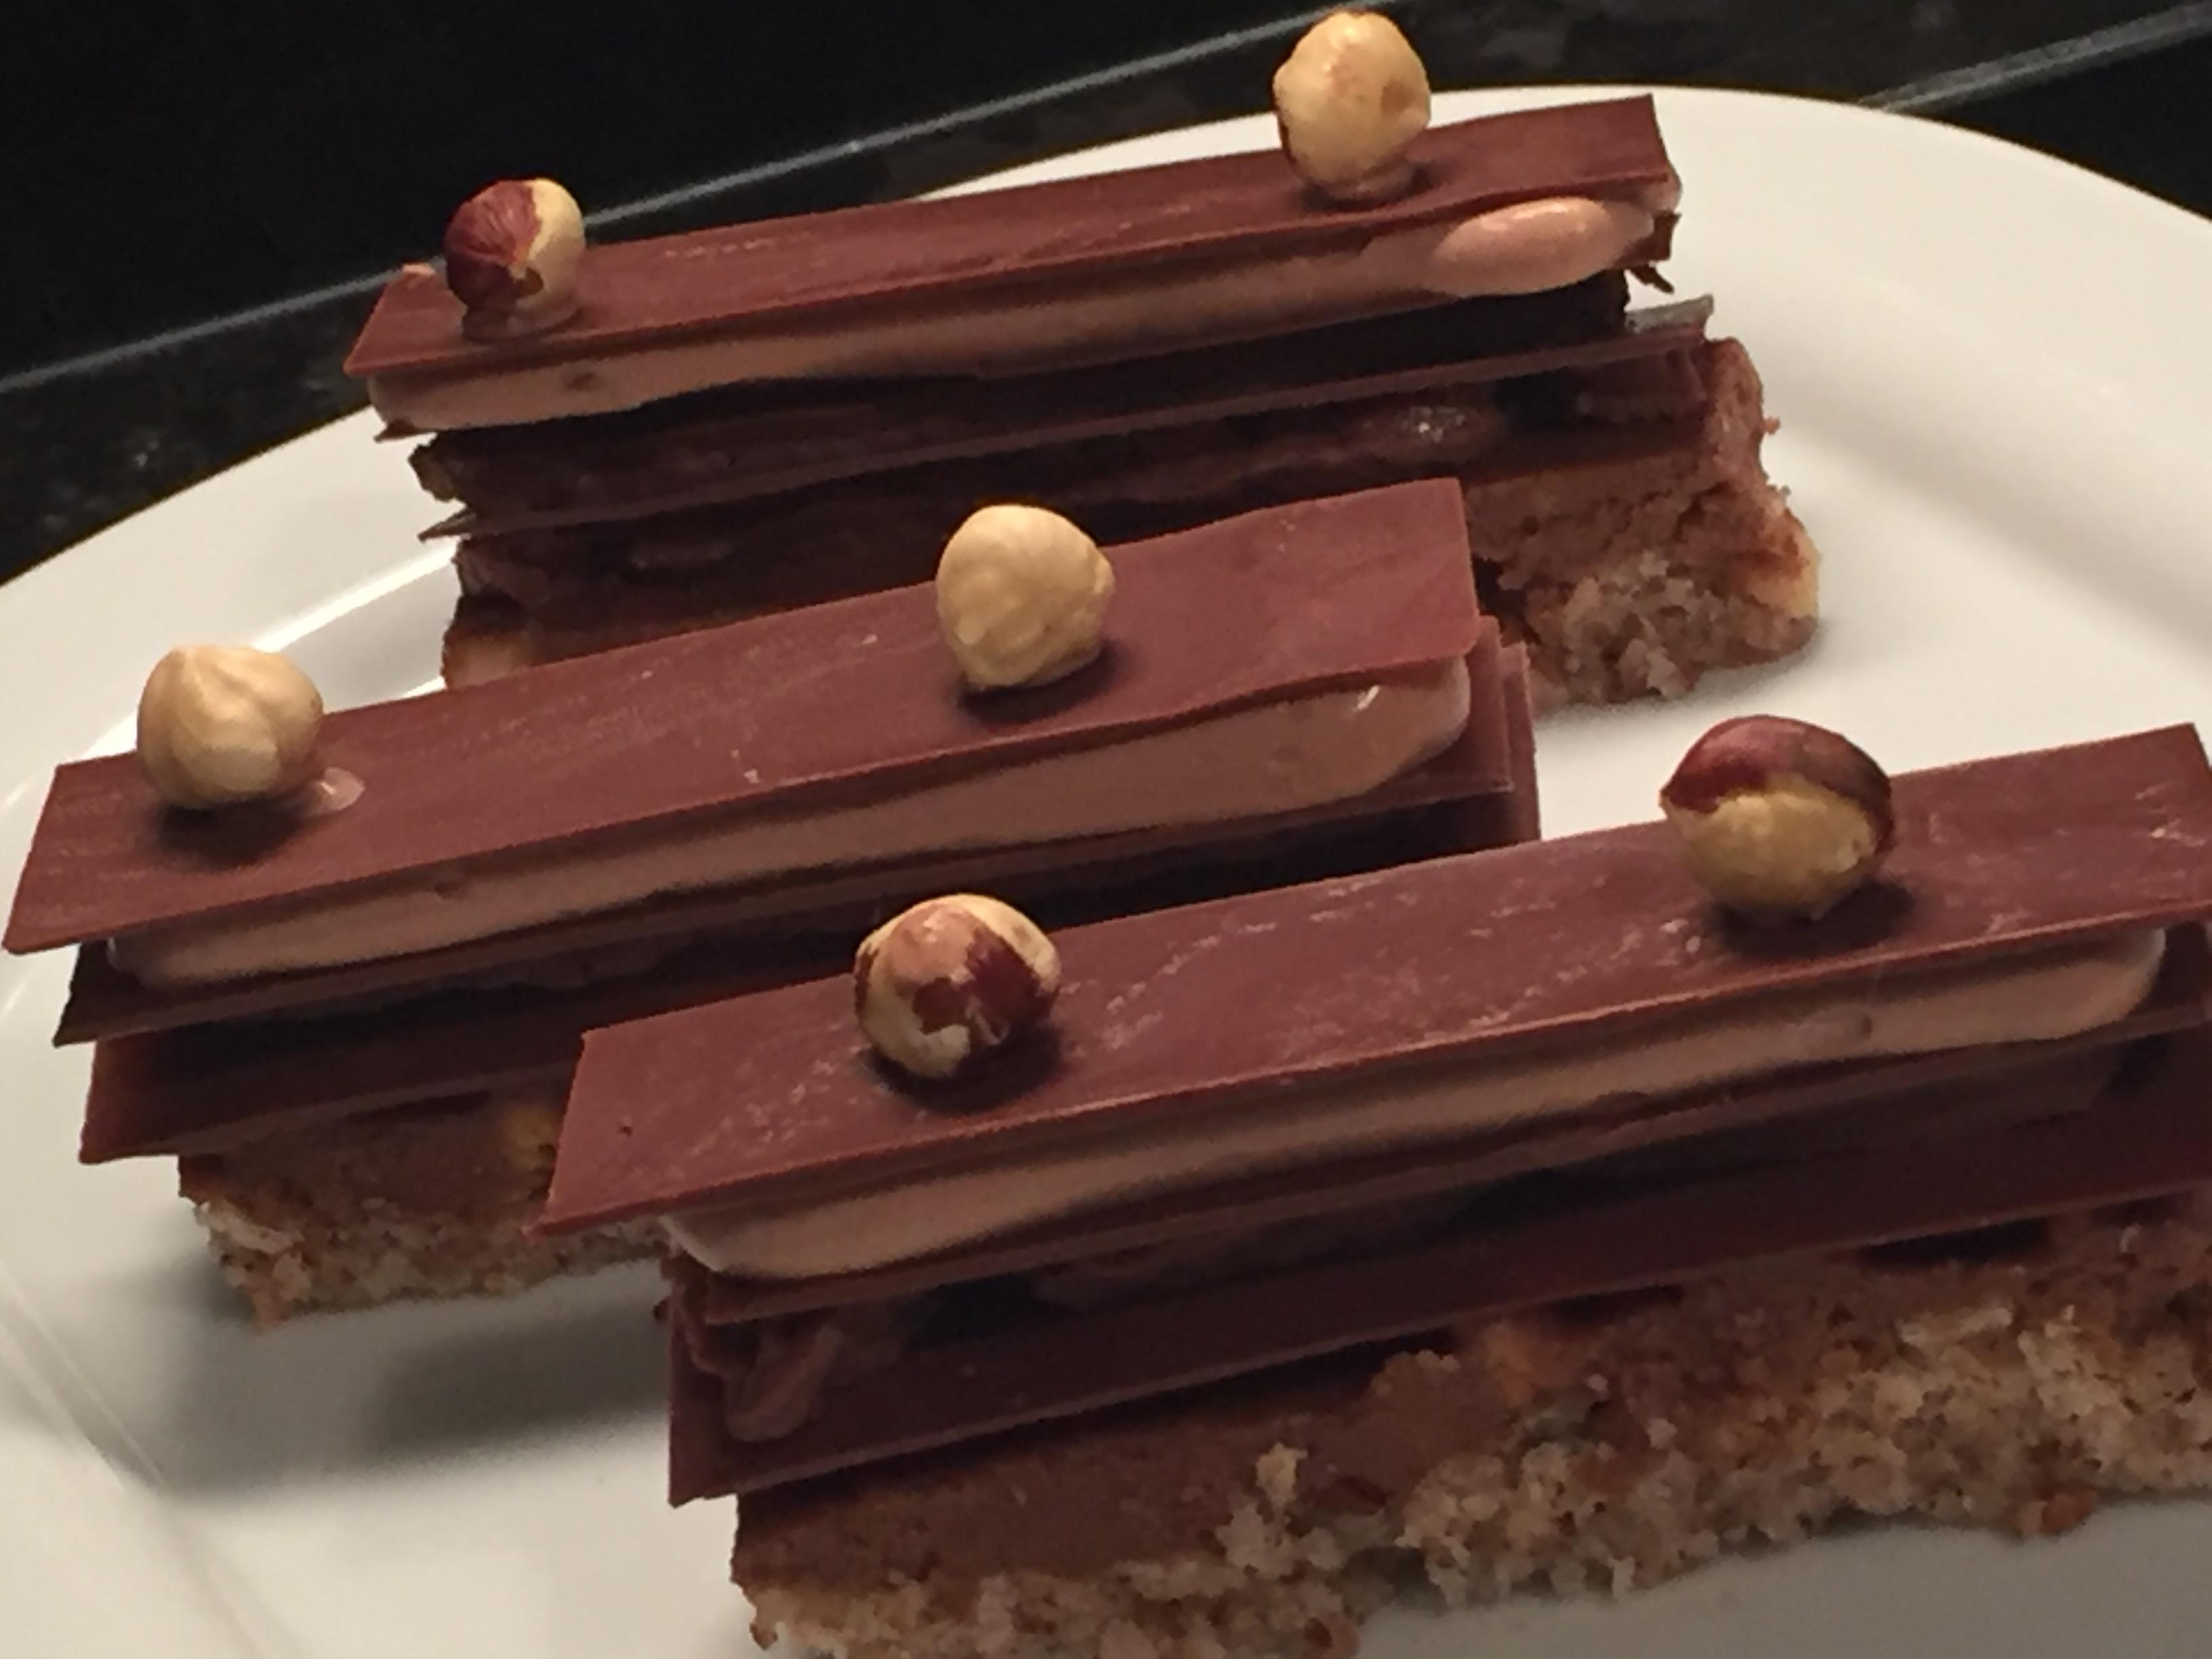 Plaisir Sucré selon une recette de Pierre Hermé adaptée sans gluten